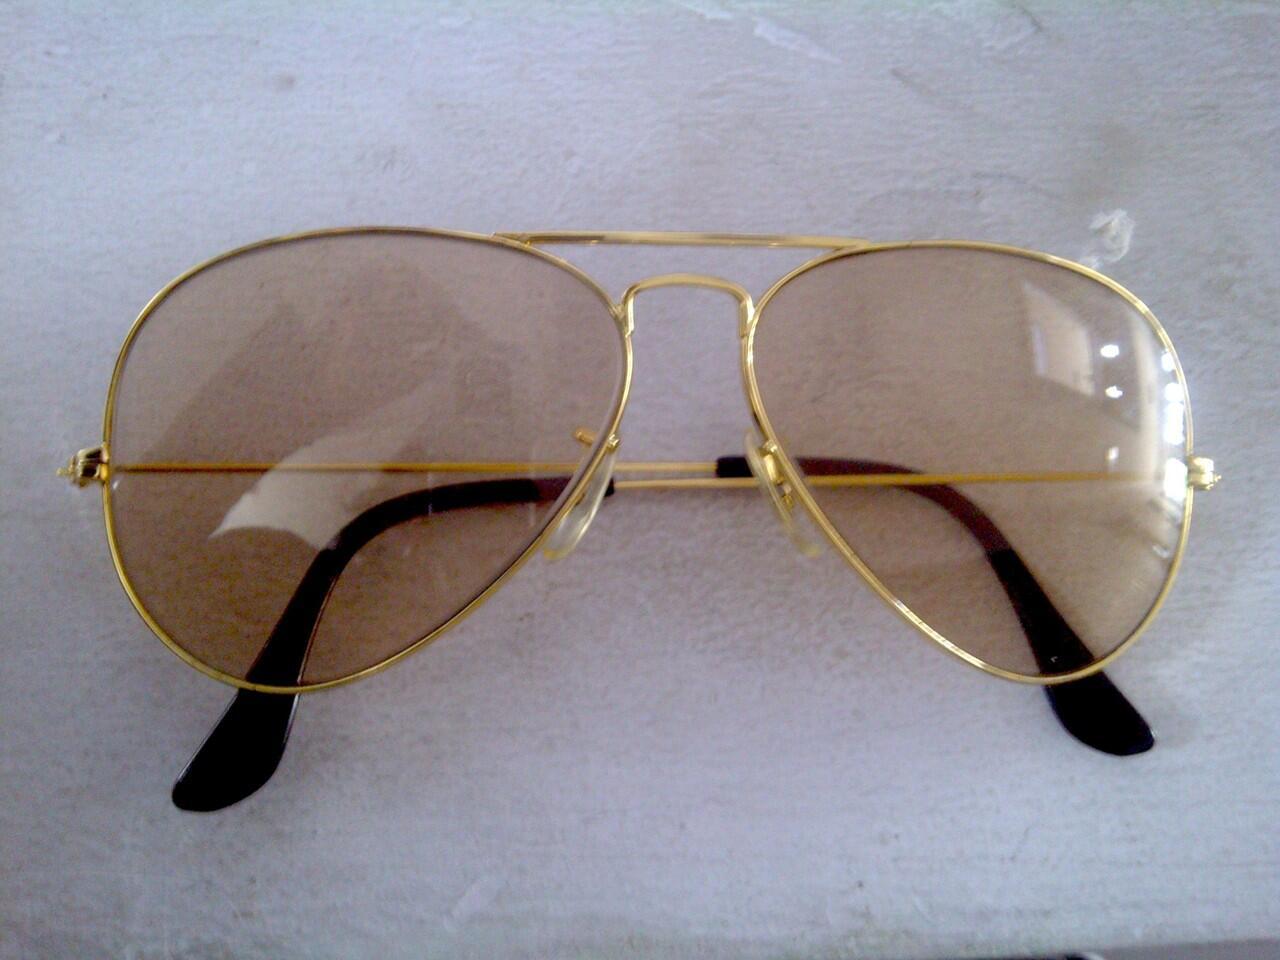 ... order kacamata rayban aviator colormatic lensa original usa 1c006 2967d df27daec73